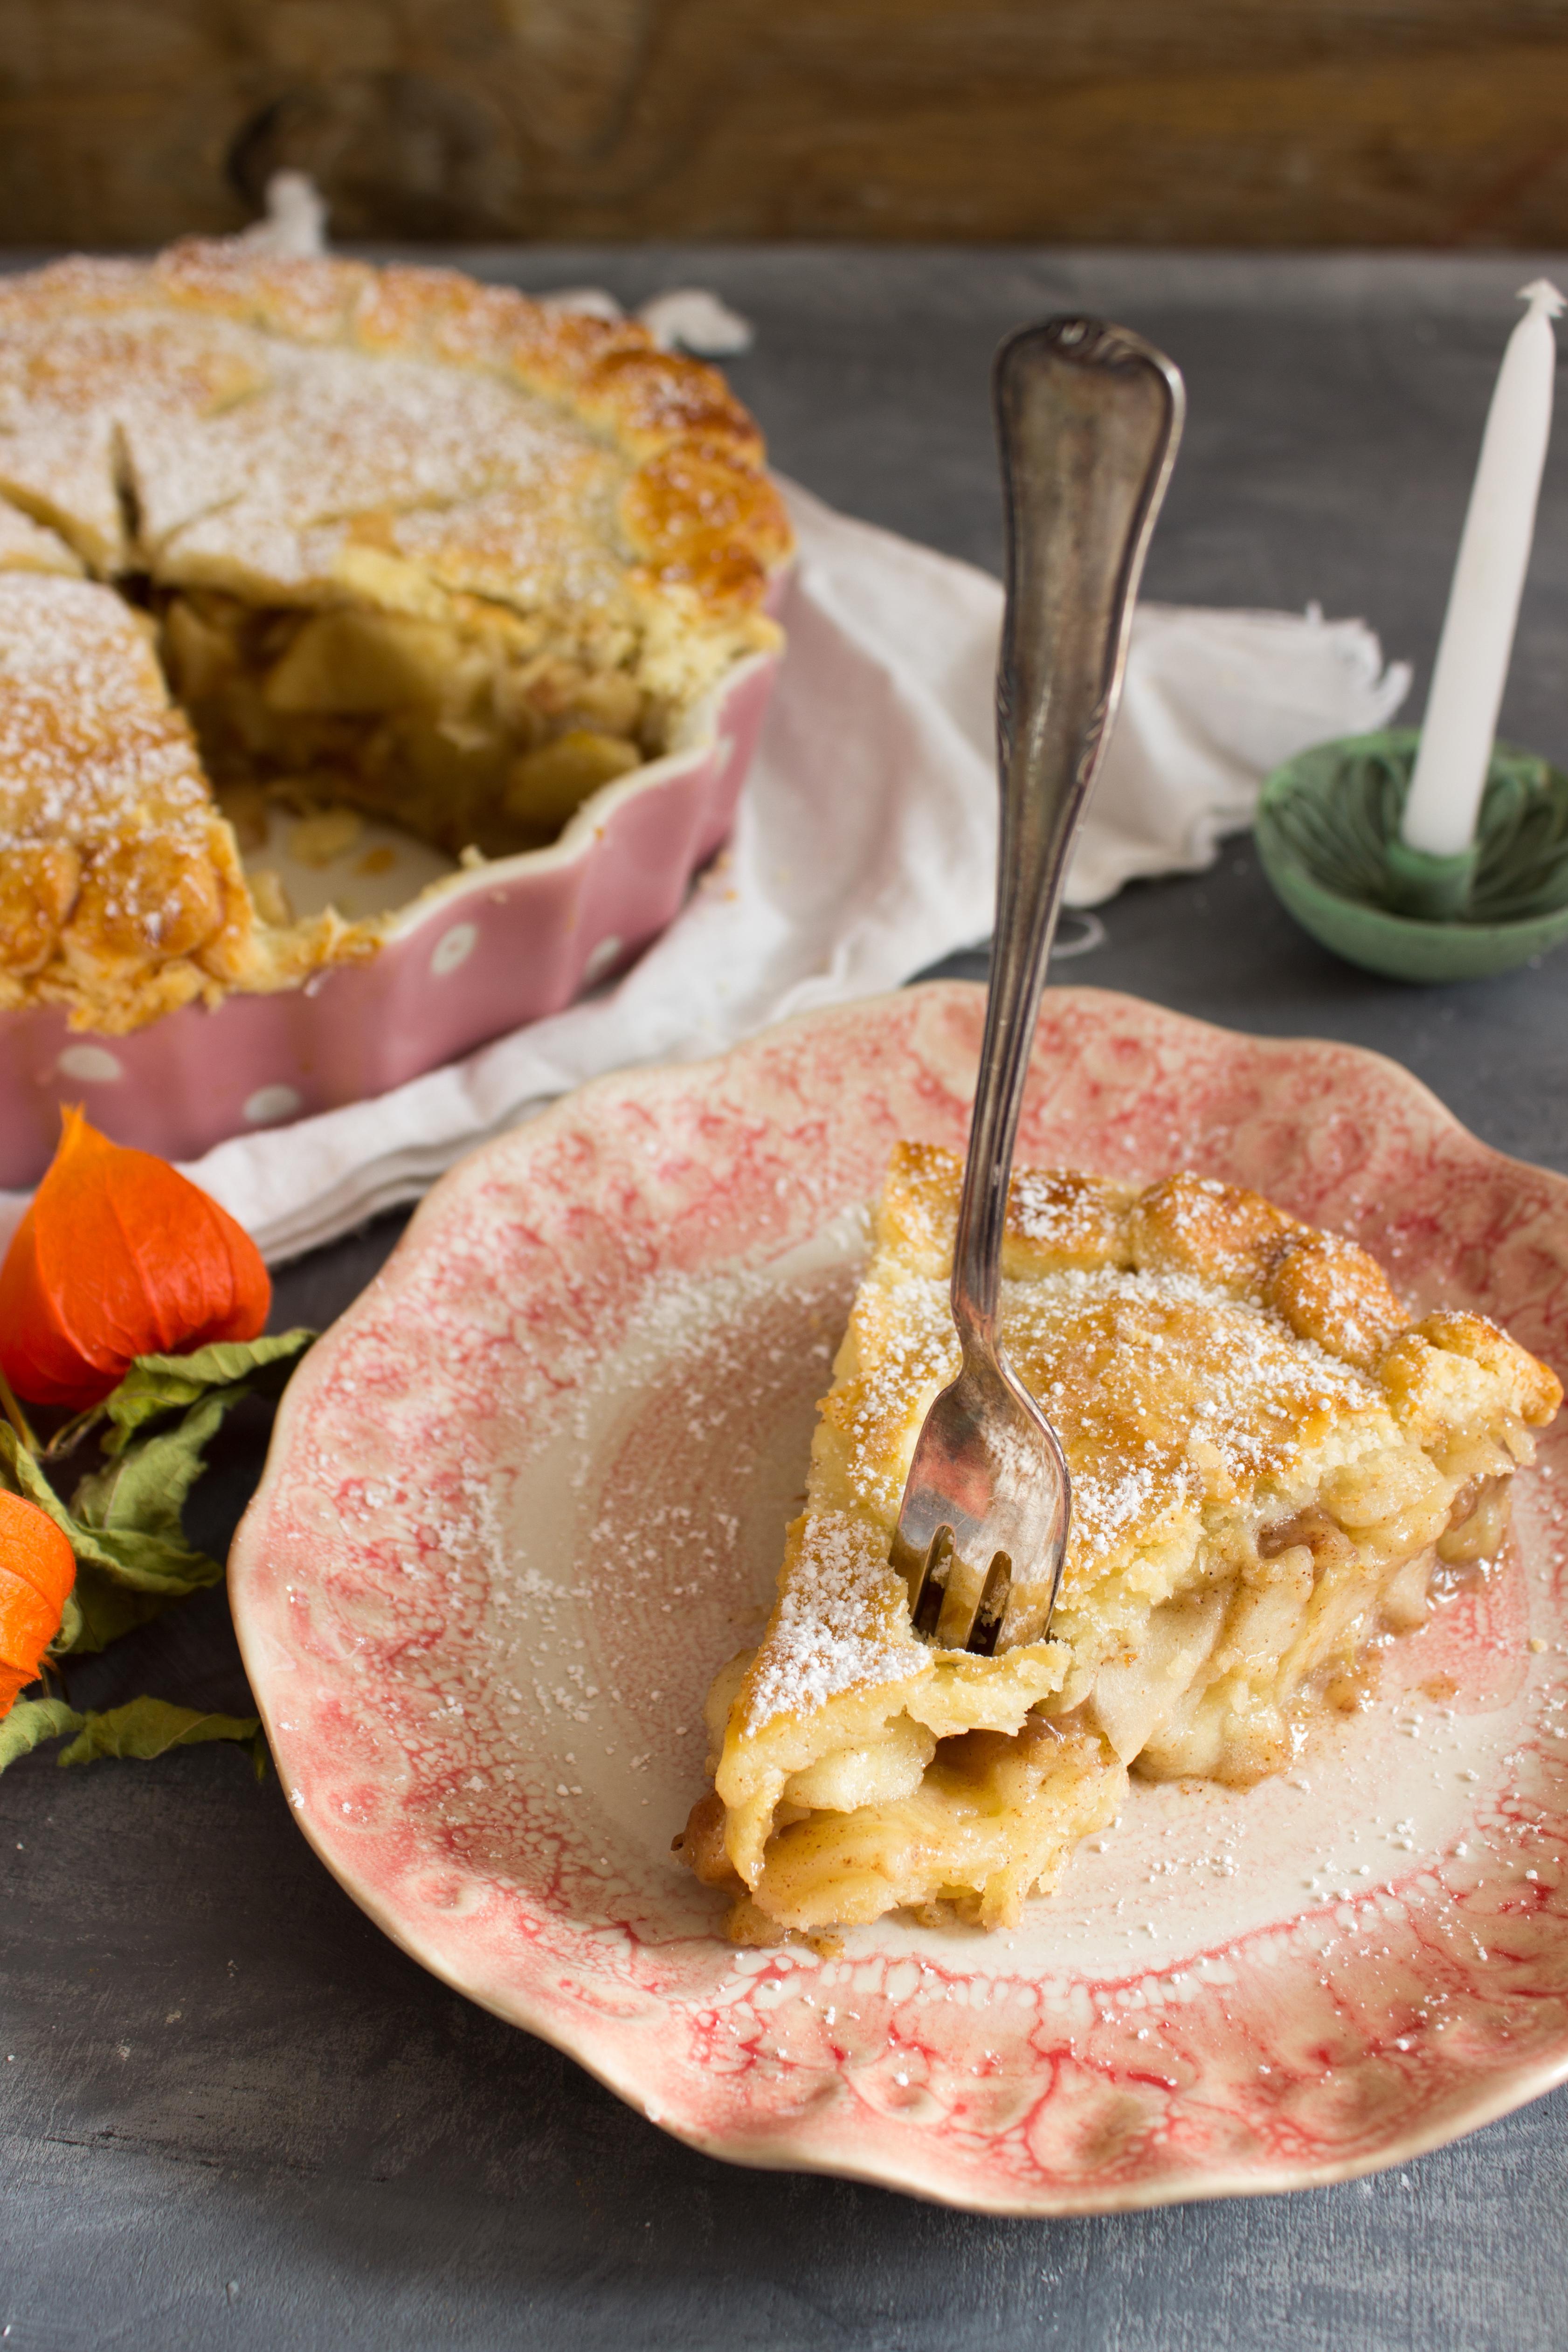 rezept-fur-einen-apple-pie-mit-zimt-und-kardamom